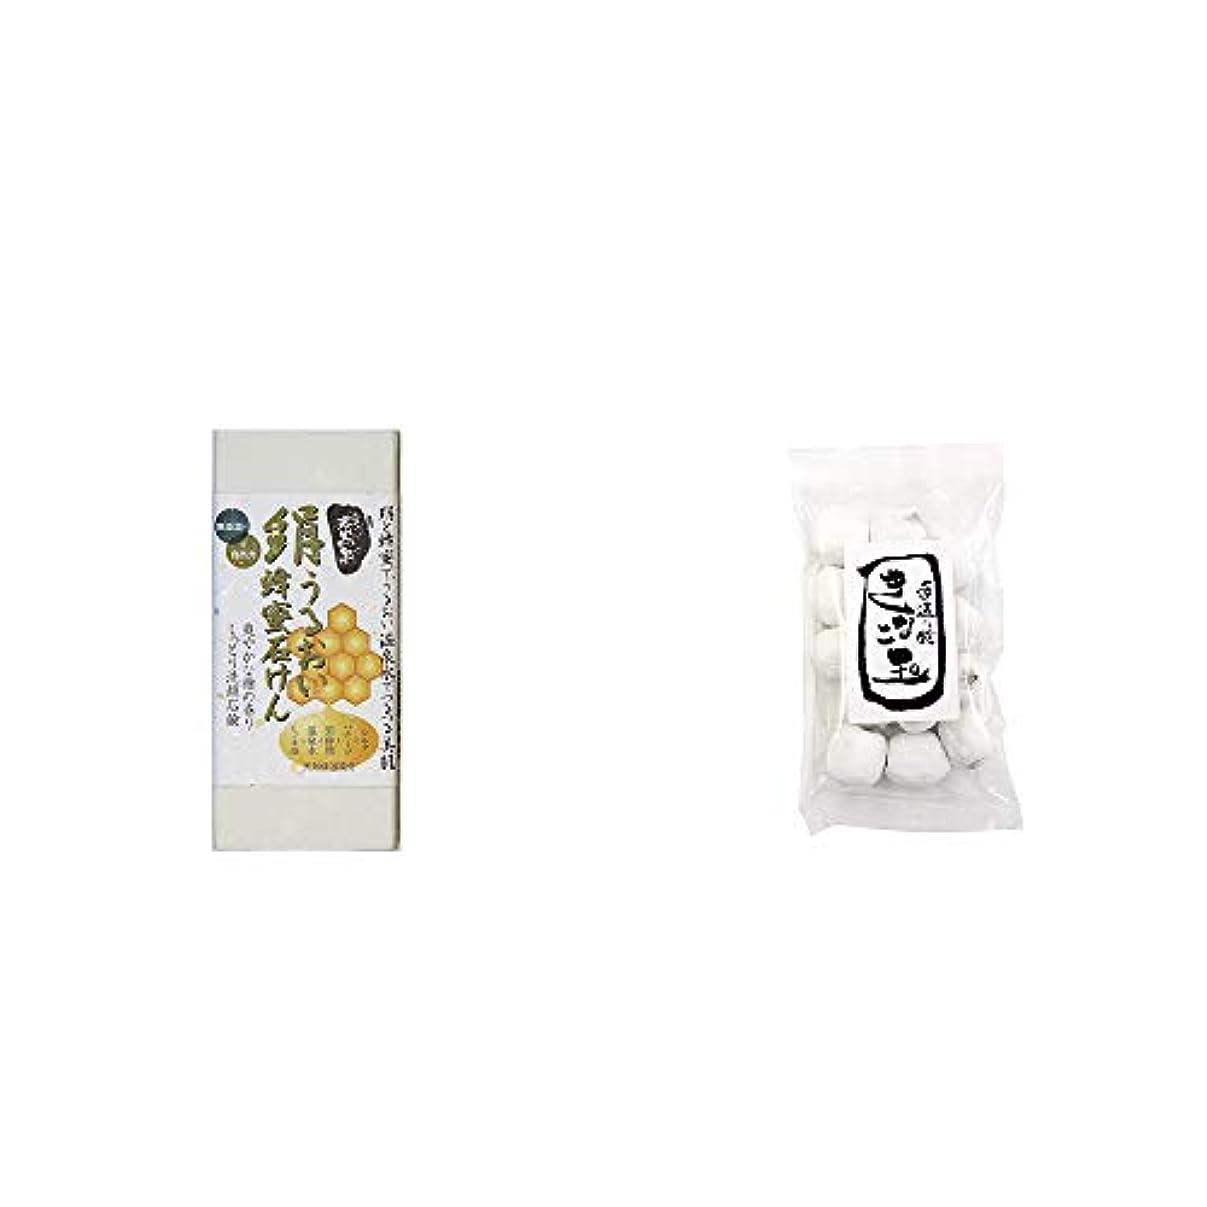 部族スキーメロディー[2点セット] ひのき炭黒泉 絹うるおい蜂蜜石けん(75g×2)?きなこ玉(160g)